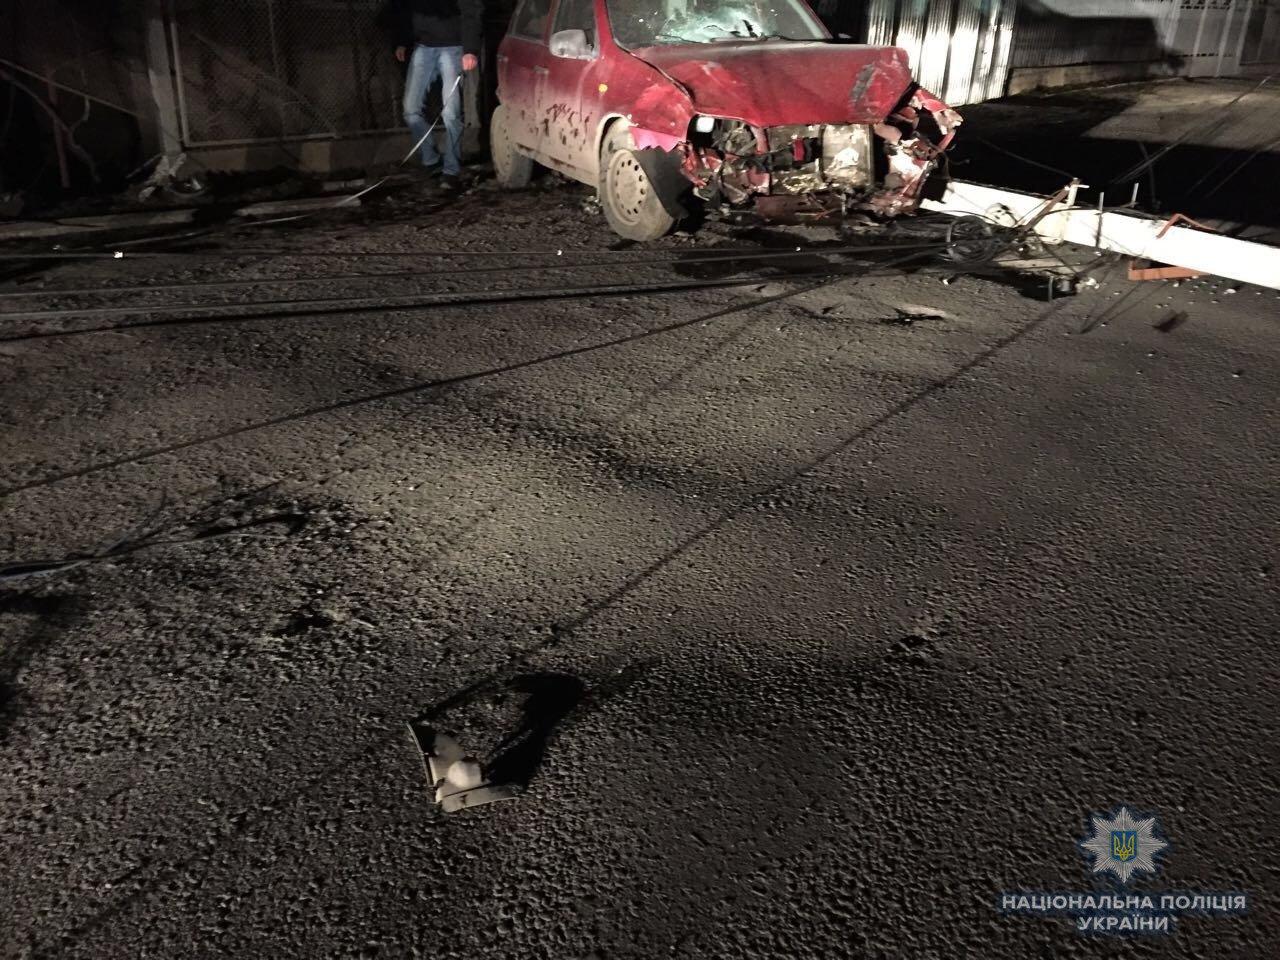 Моторошна ДТП на Закарпатті: п'яний водій залишив помирати збитого пішохода та травмовану дитину (ФОТО), фото-4